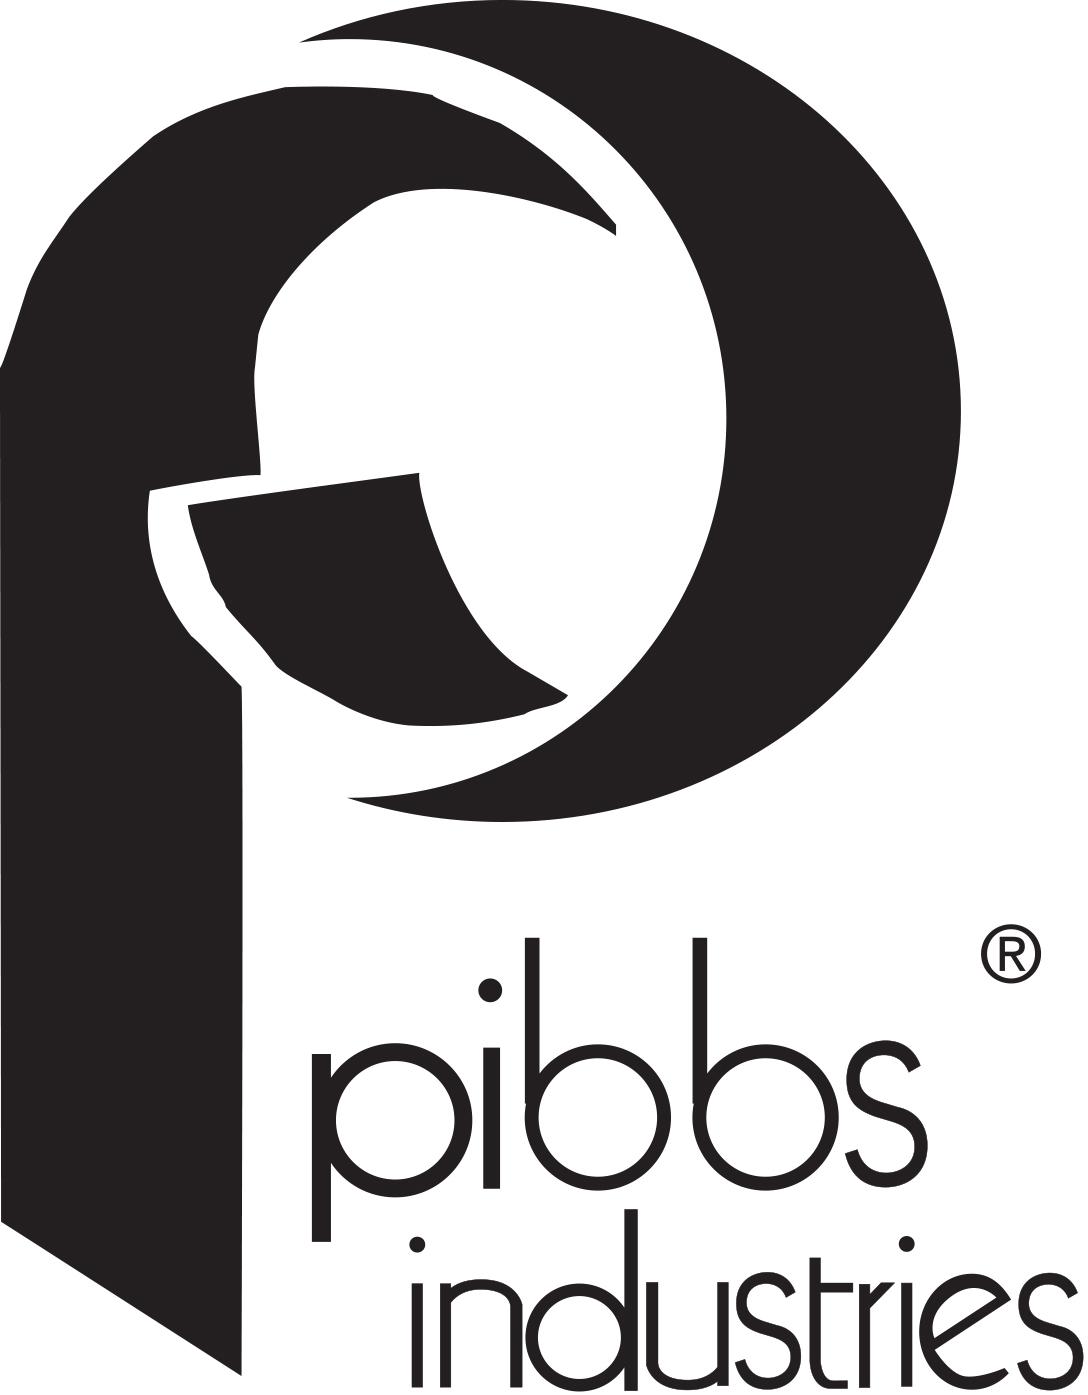 Pibbs_Industries.jpg